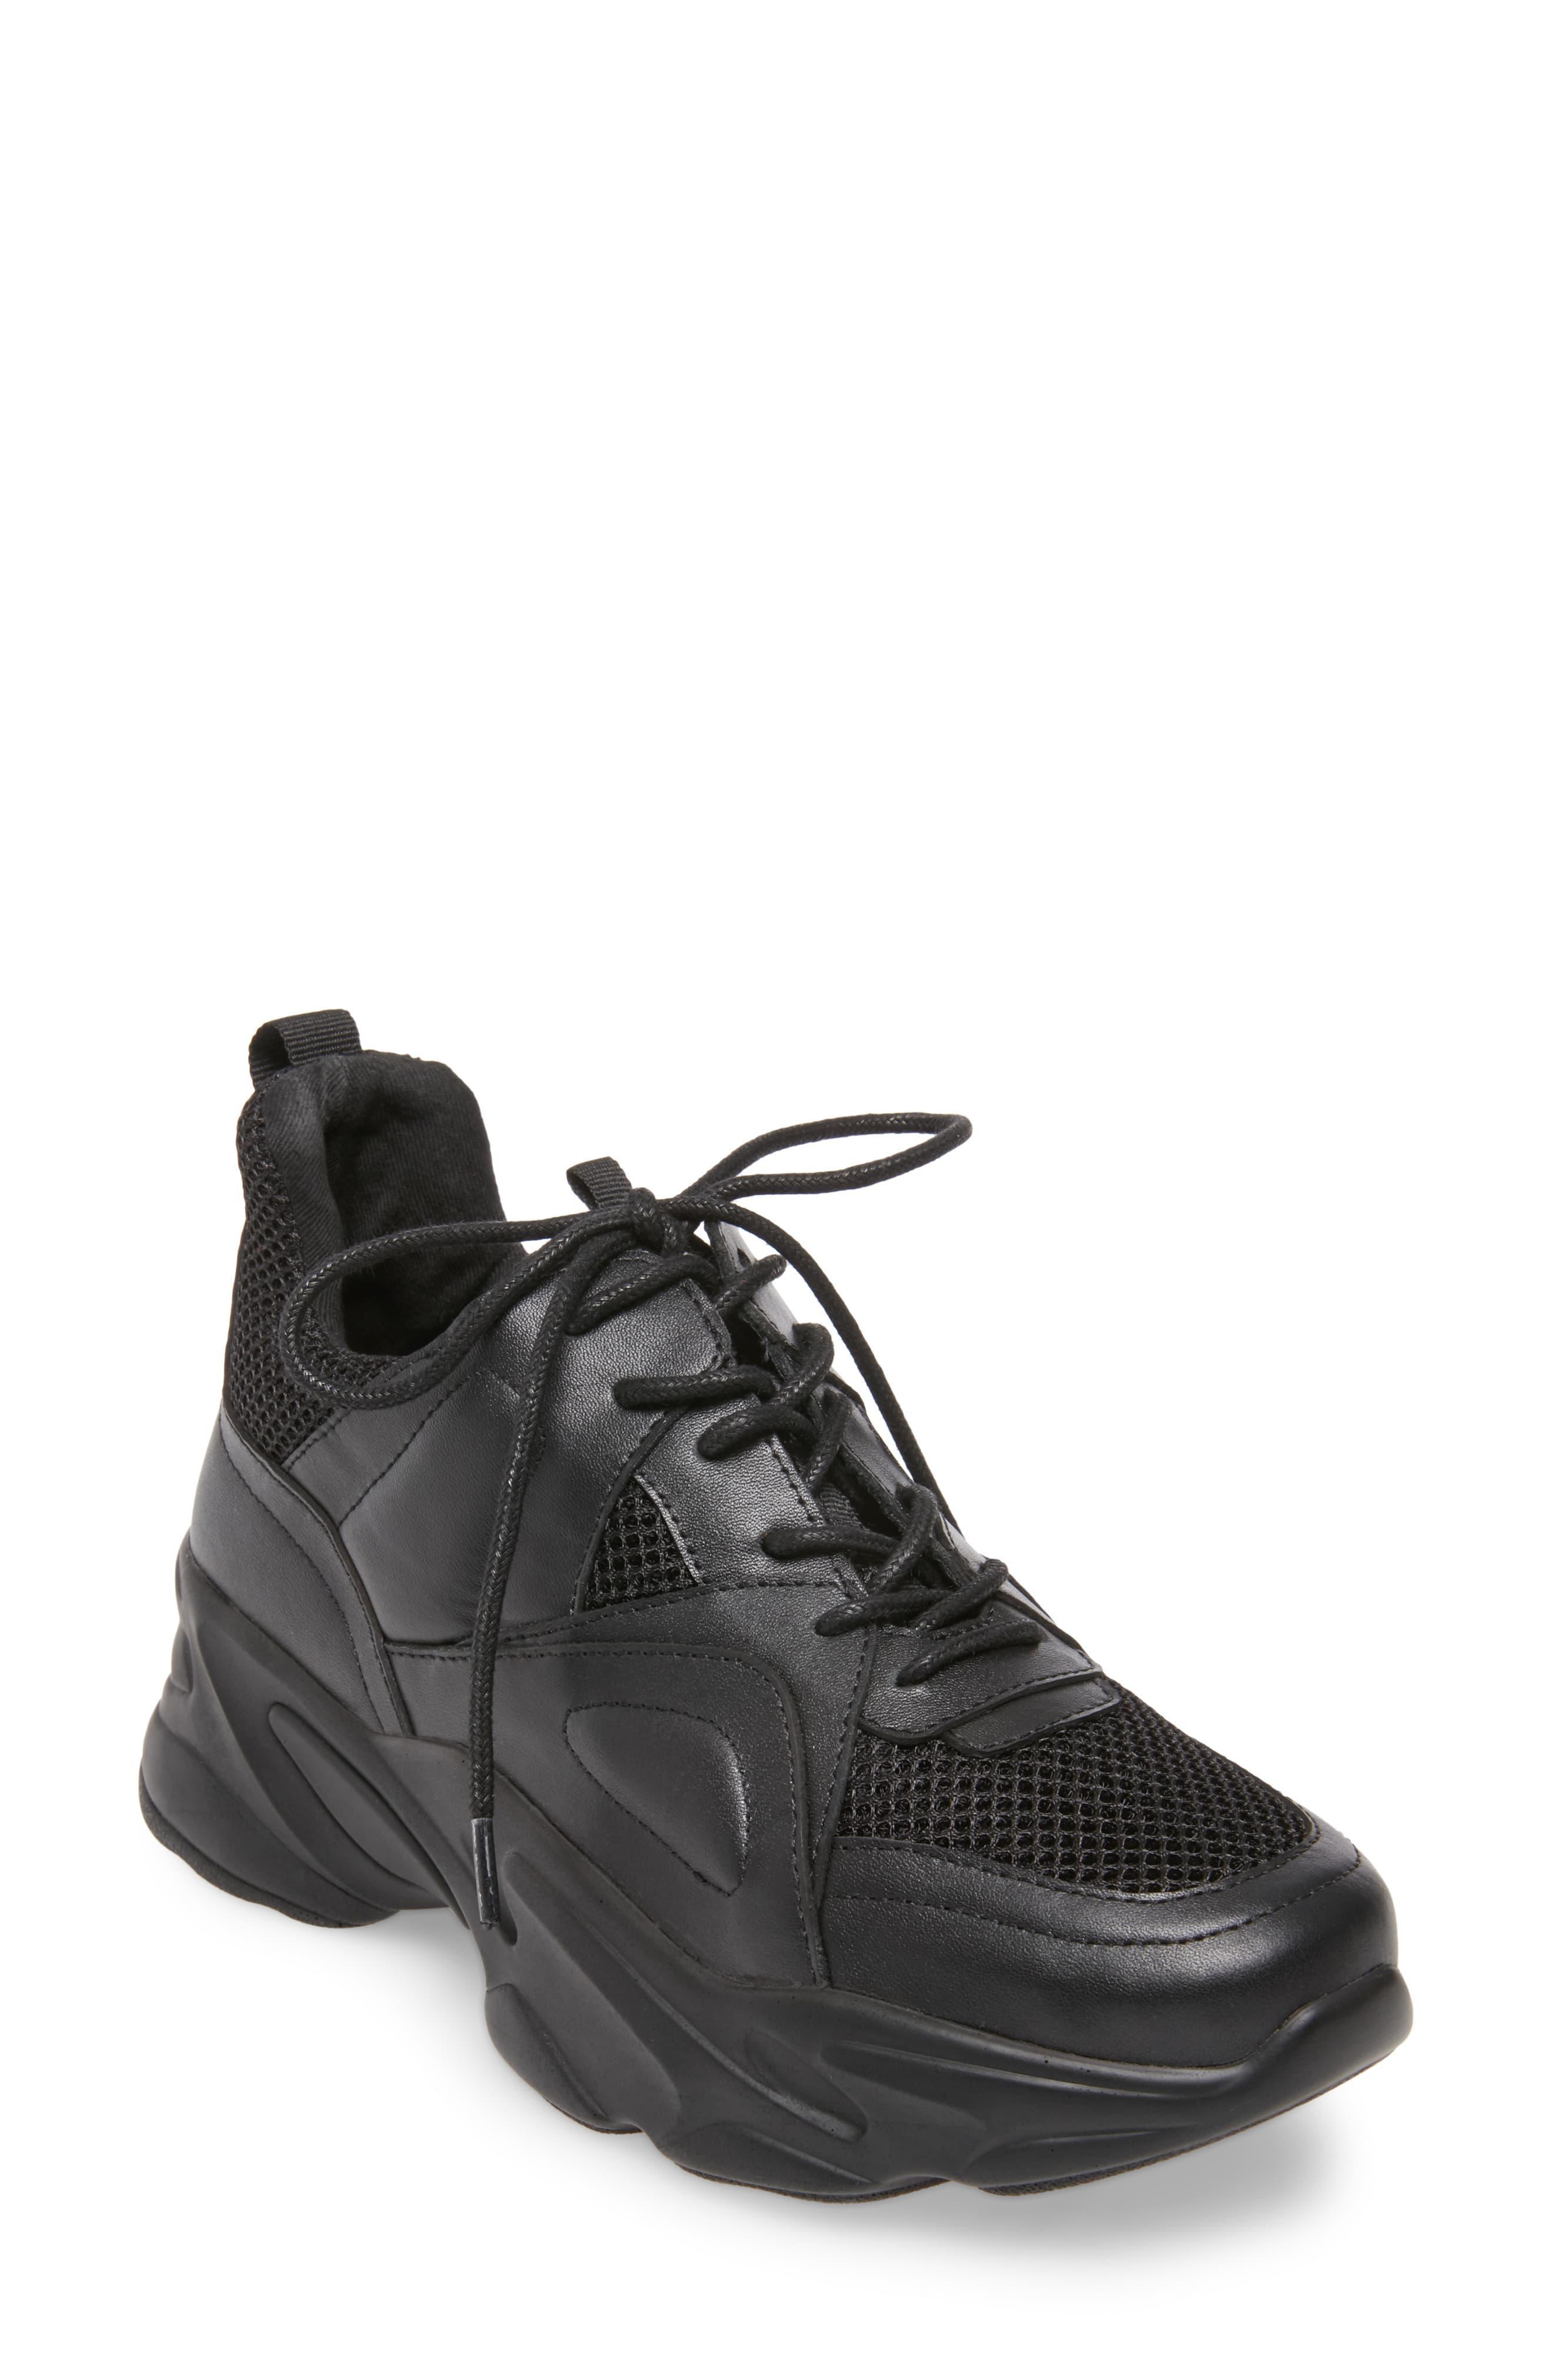 Steve Madden Movement Sneaker in Black